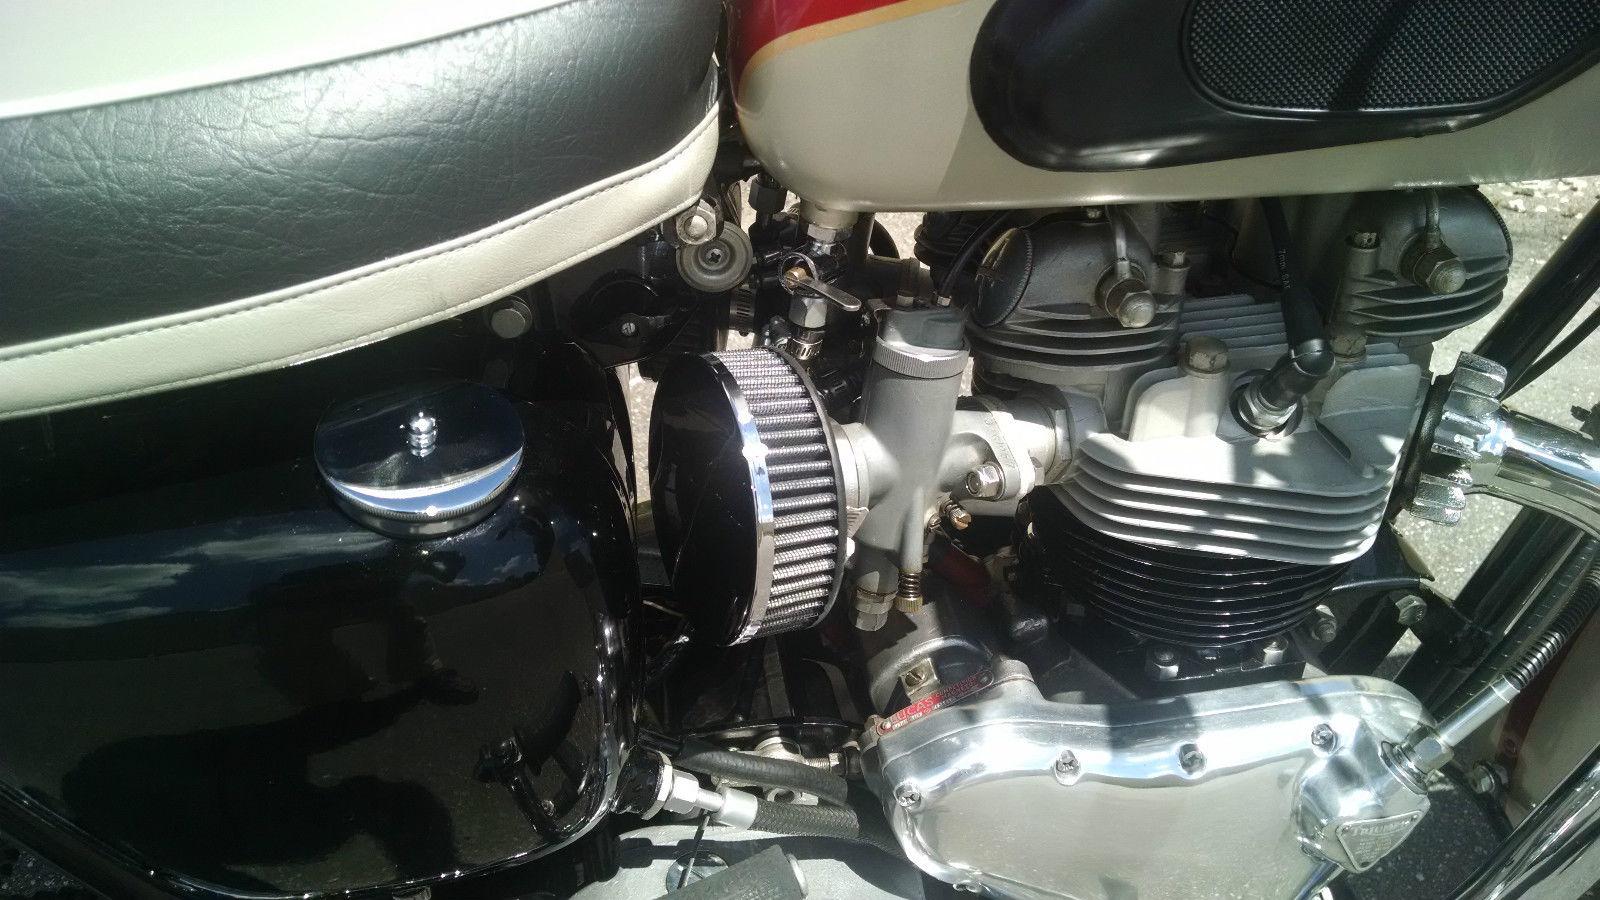 Triumph Bonneville - 1962 - Air Filters, Carburettors, Oil Tank and Seat.